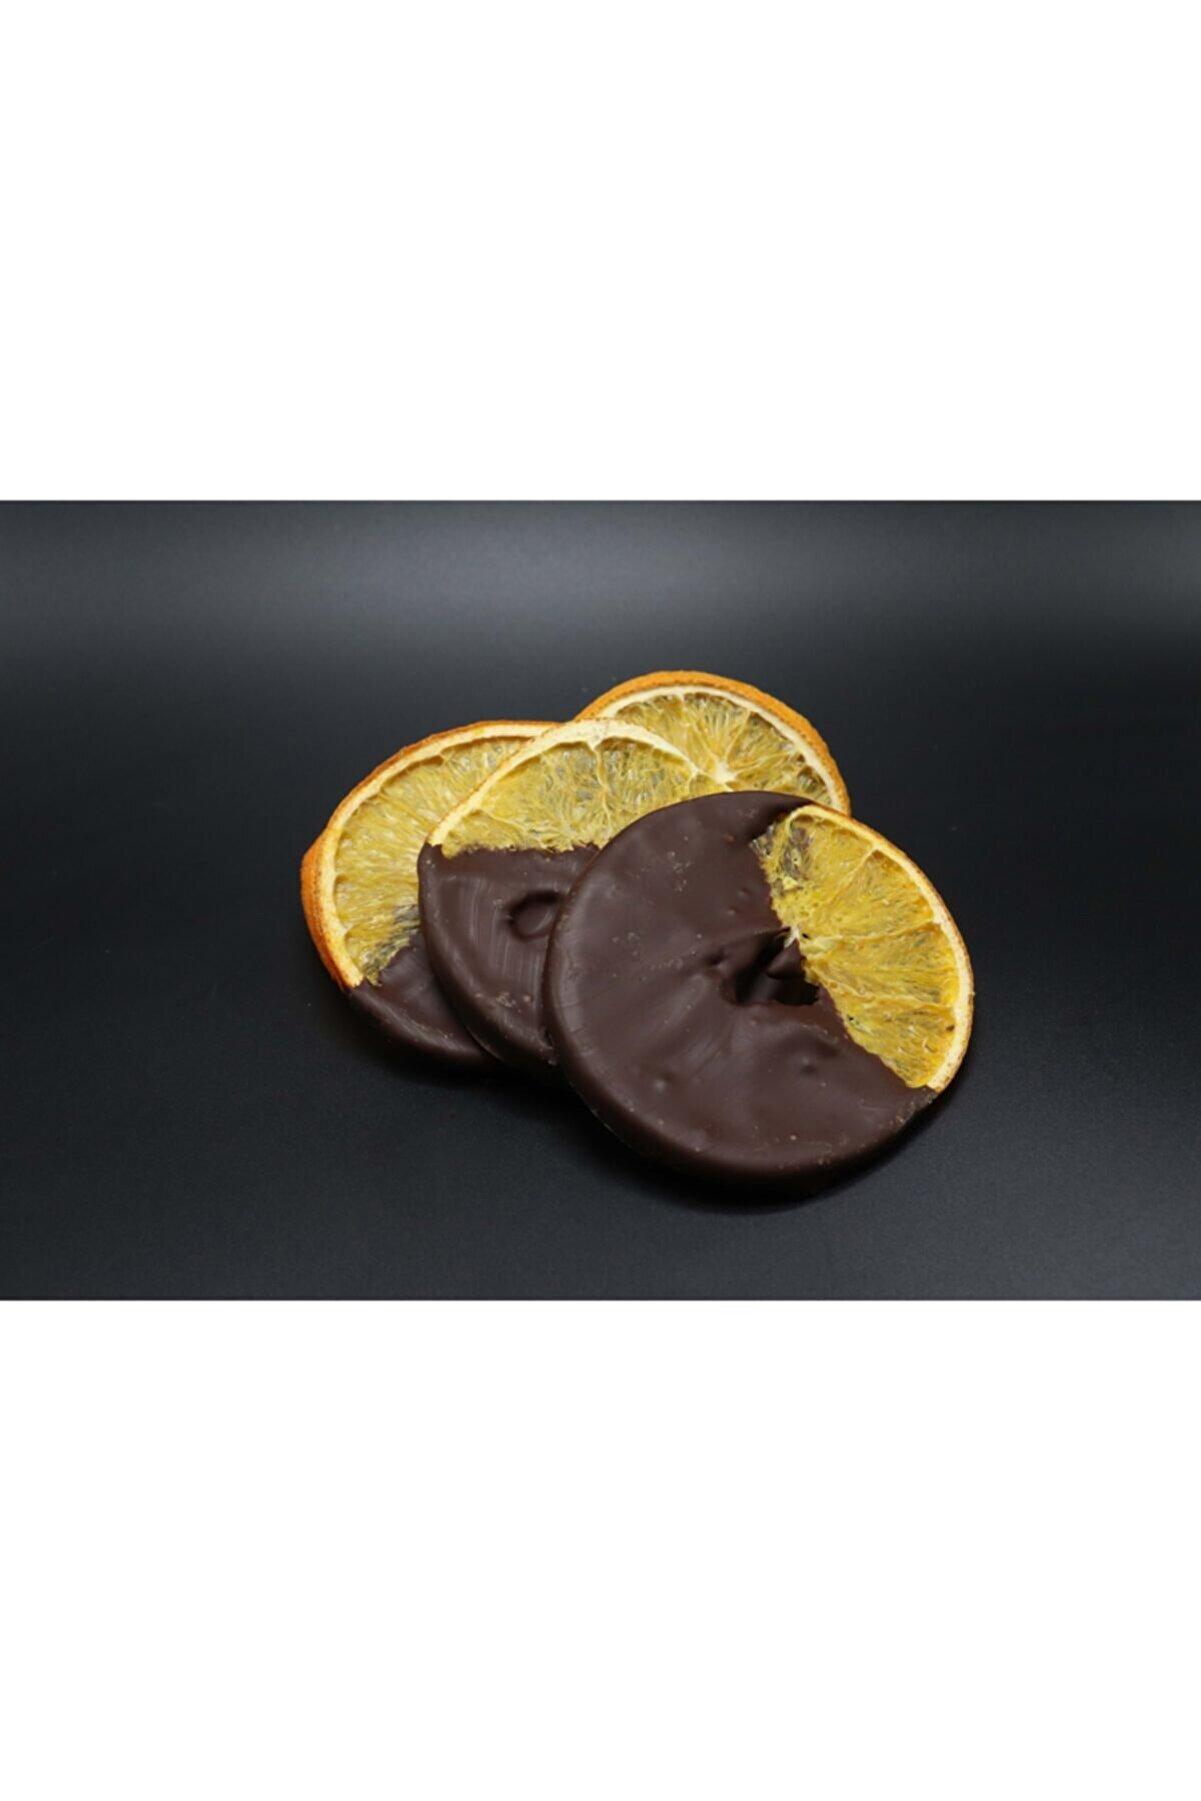 Nuri Bey Çiftliği Belçika Çikolatalı Kurutulmuş Portakal (100g)